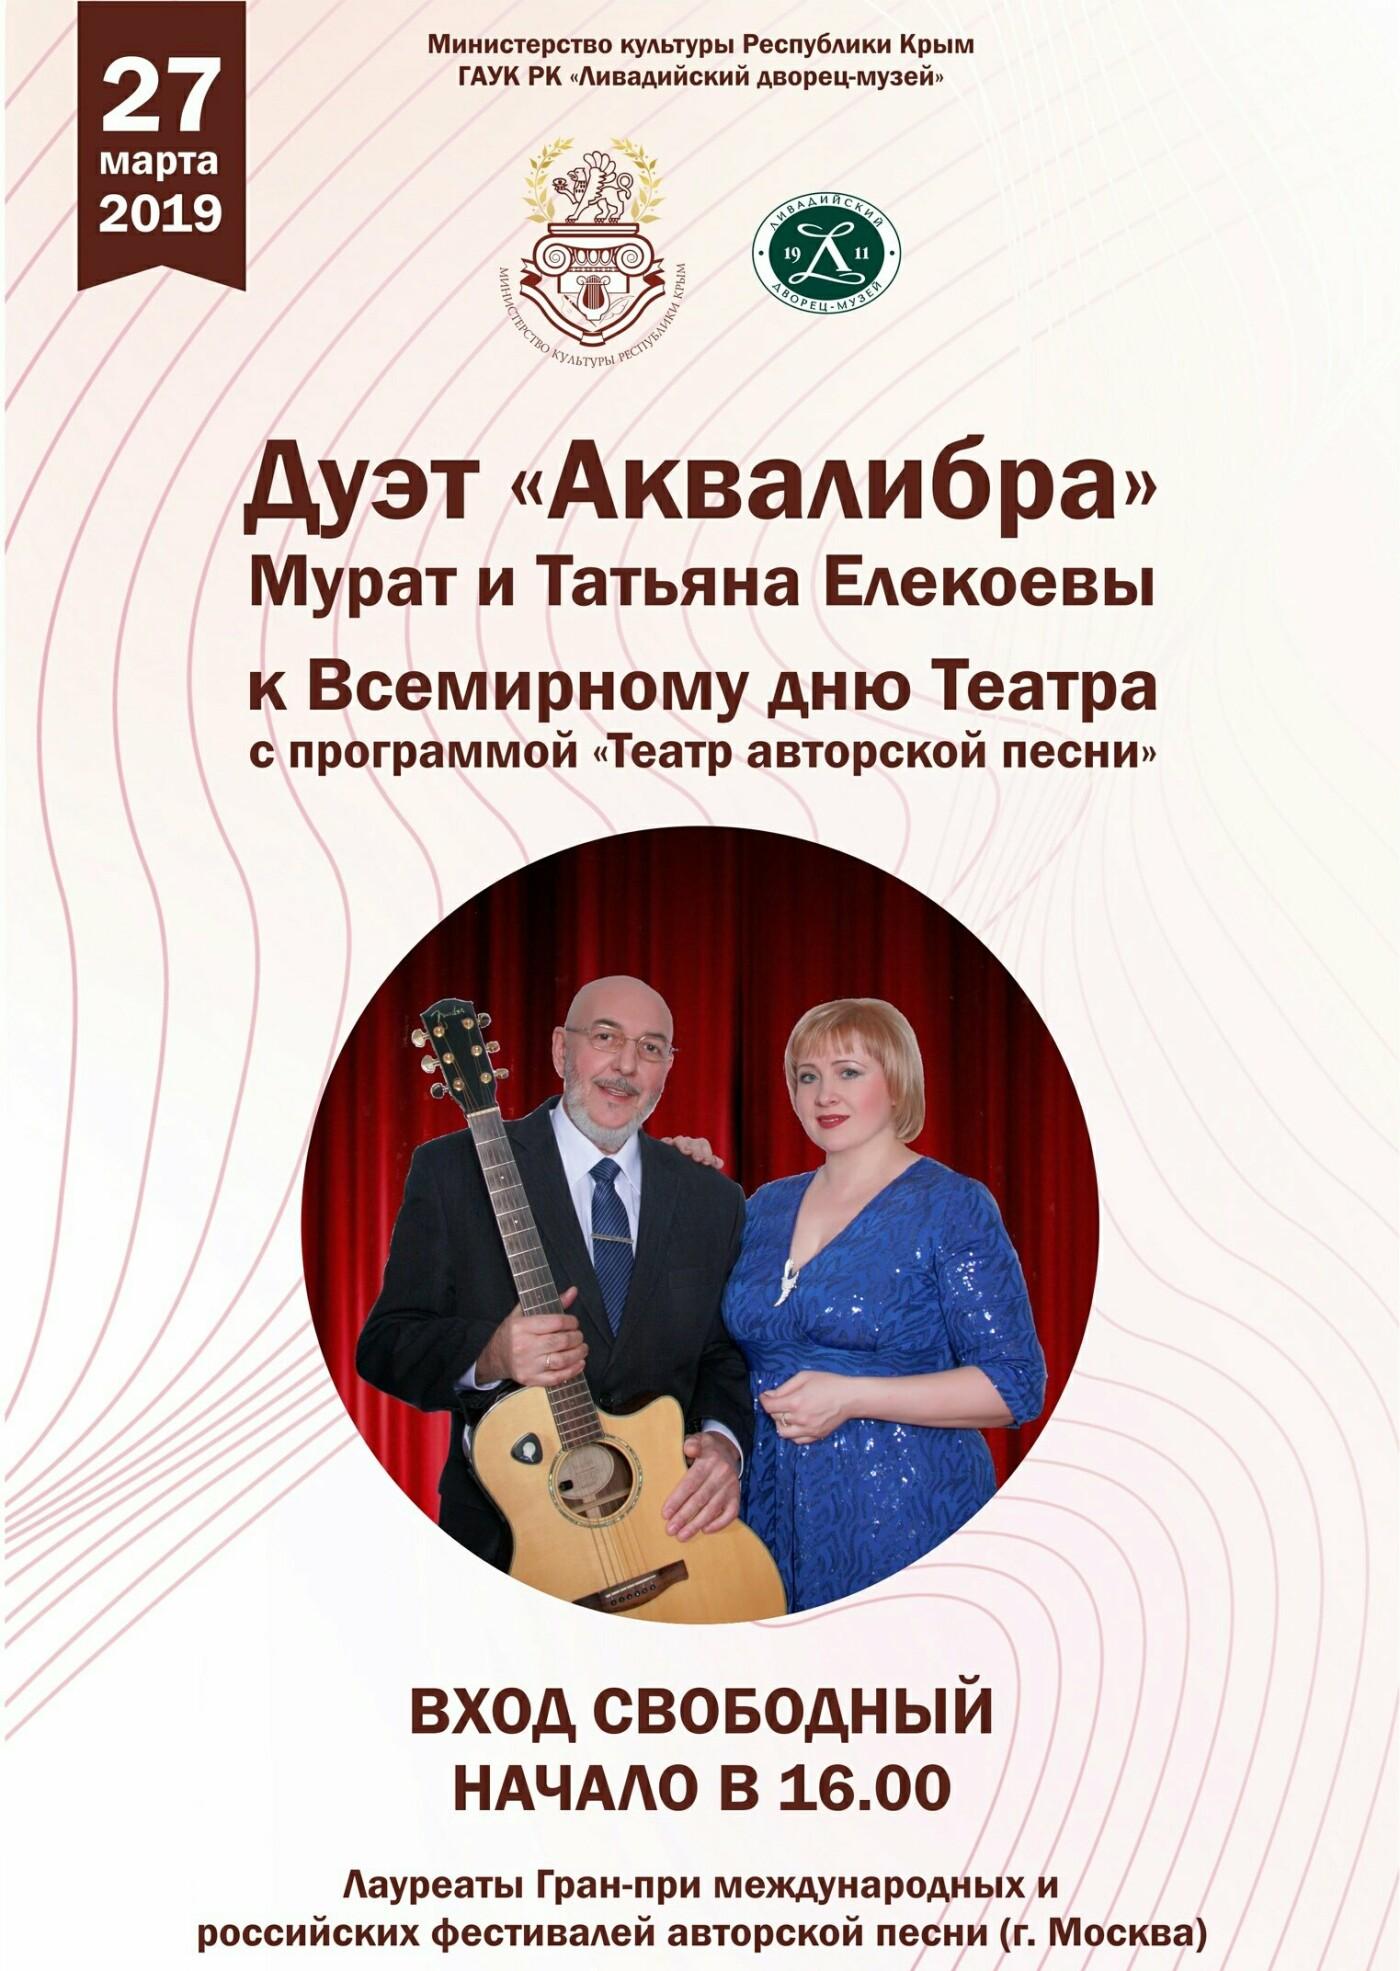 """К Всемирному дню театра в Ливадийском дворце состоится концерт дуэта """"АкваЛибра"""", фото-1"""